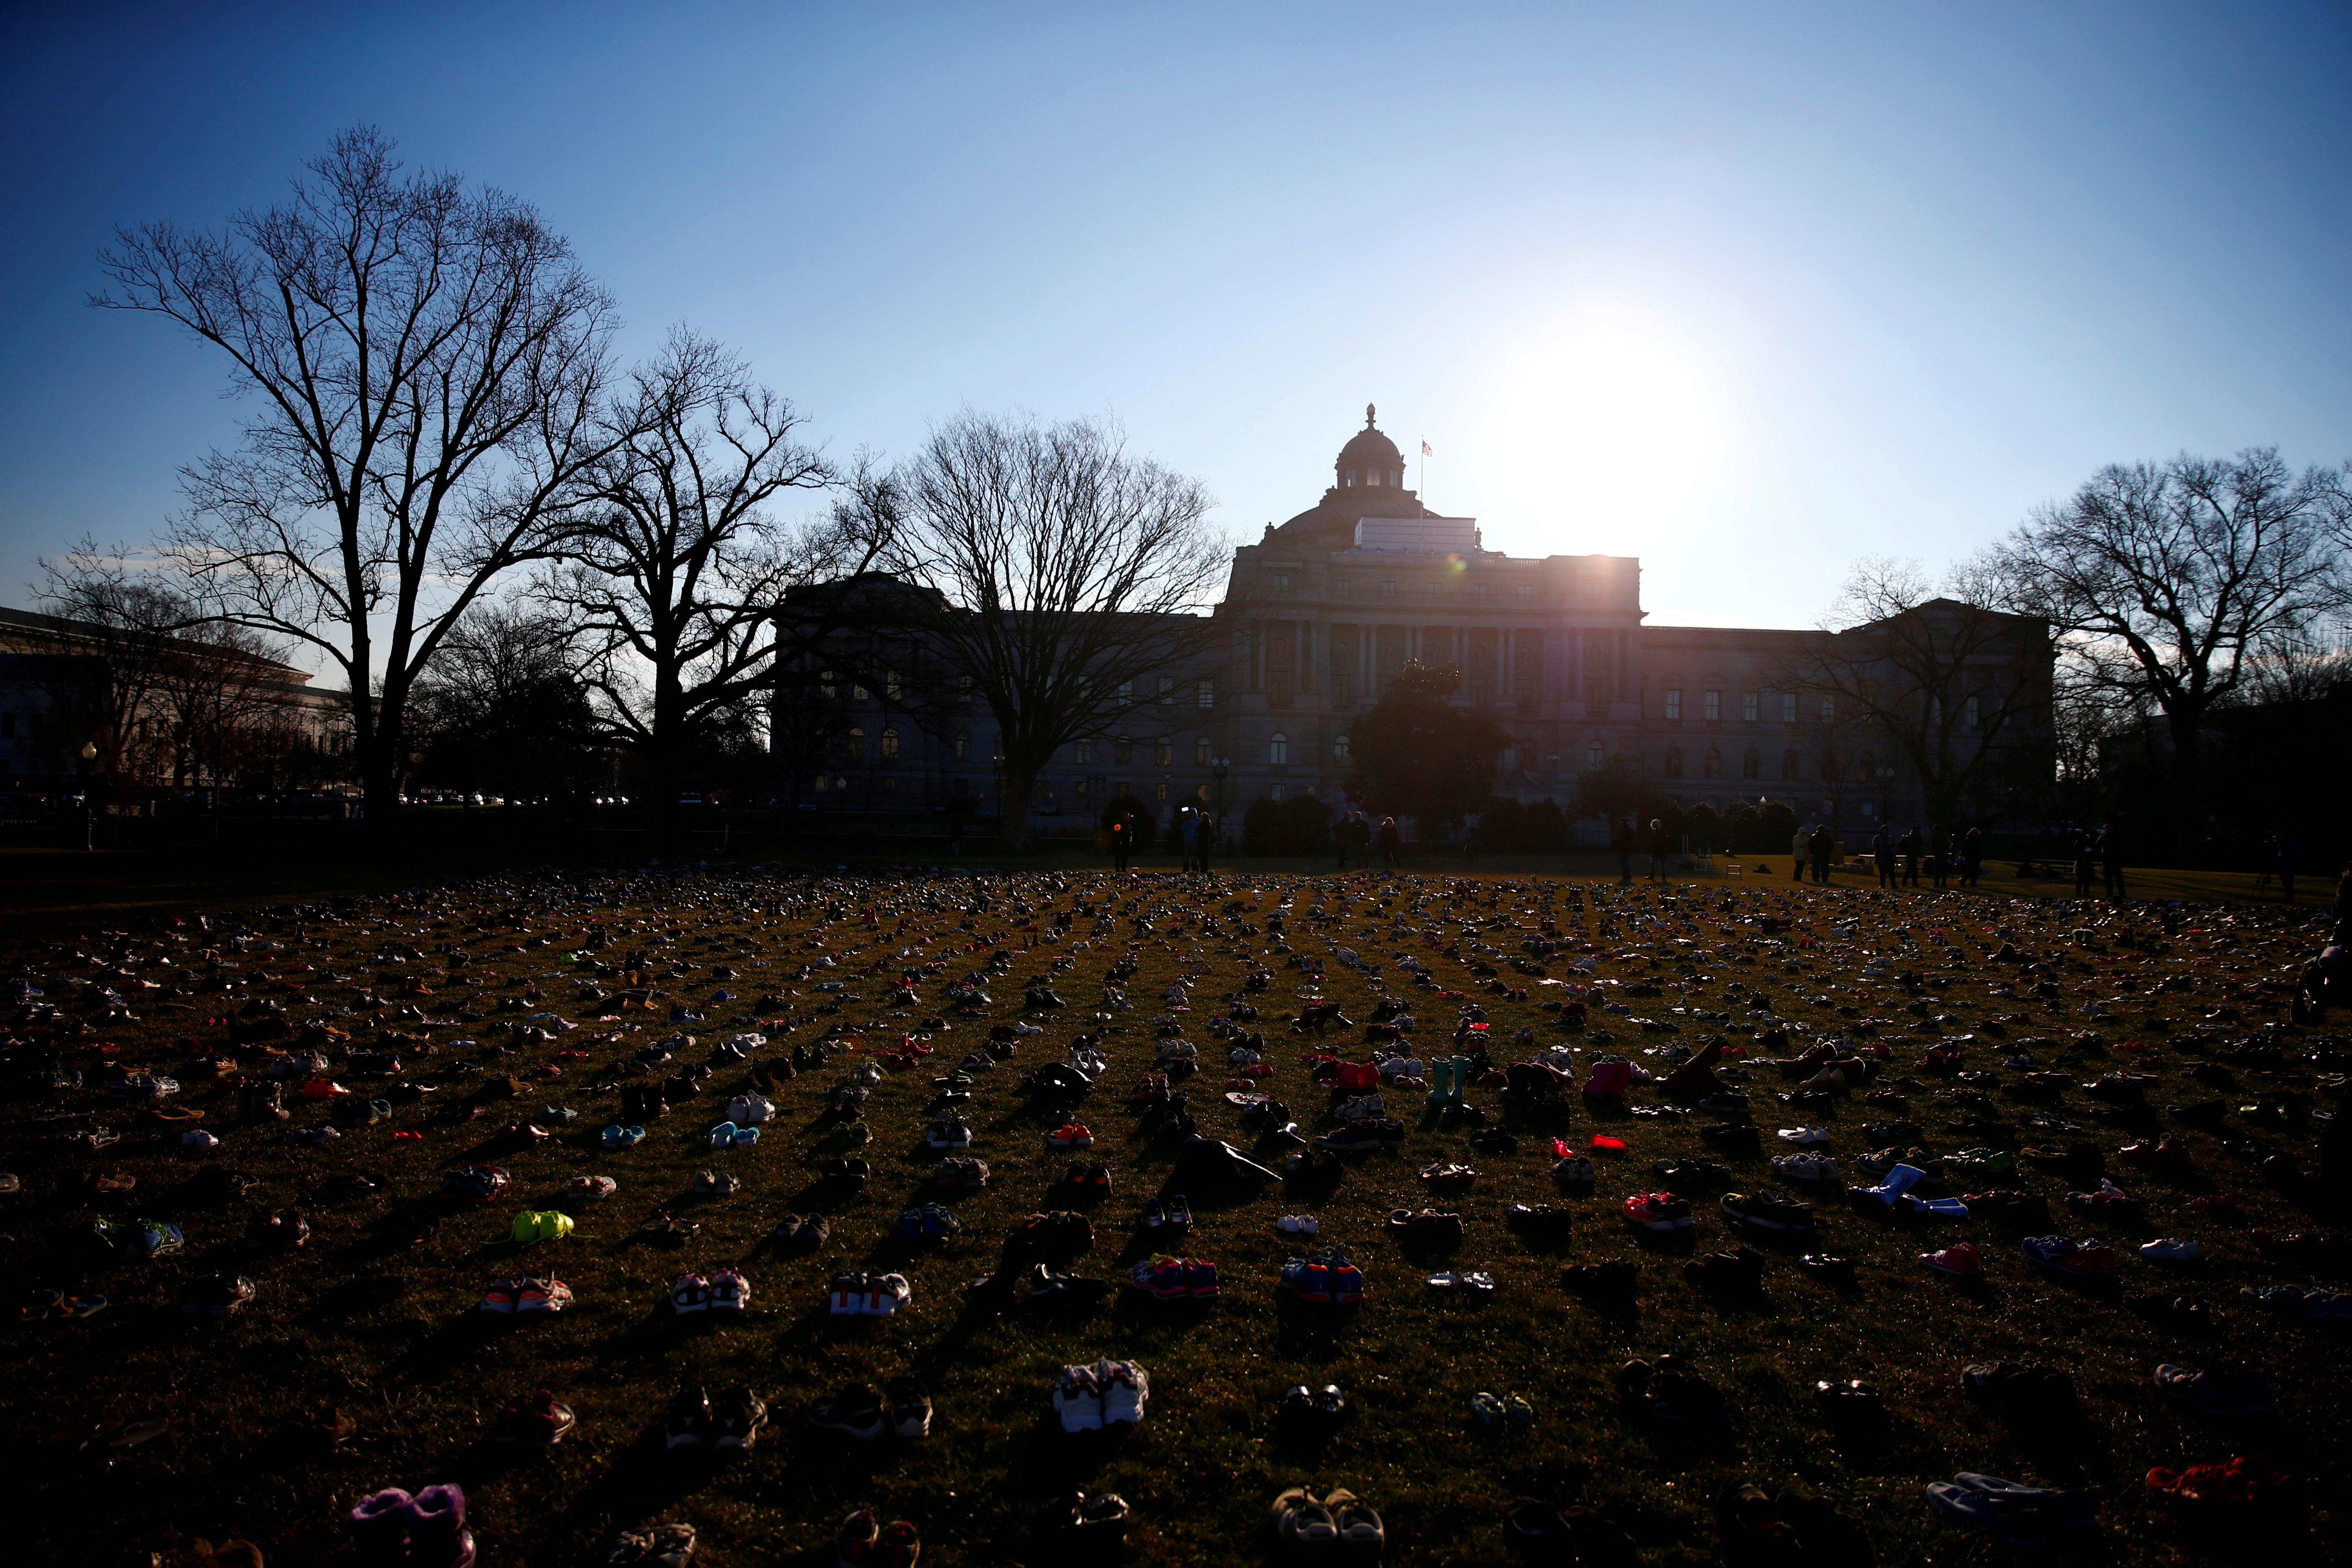 تثبيت 7000 حذاء على العشب أمام مبنى الكابيتول